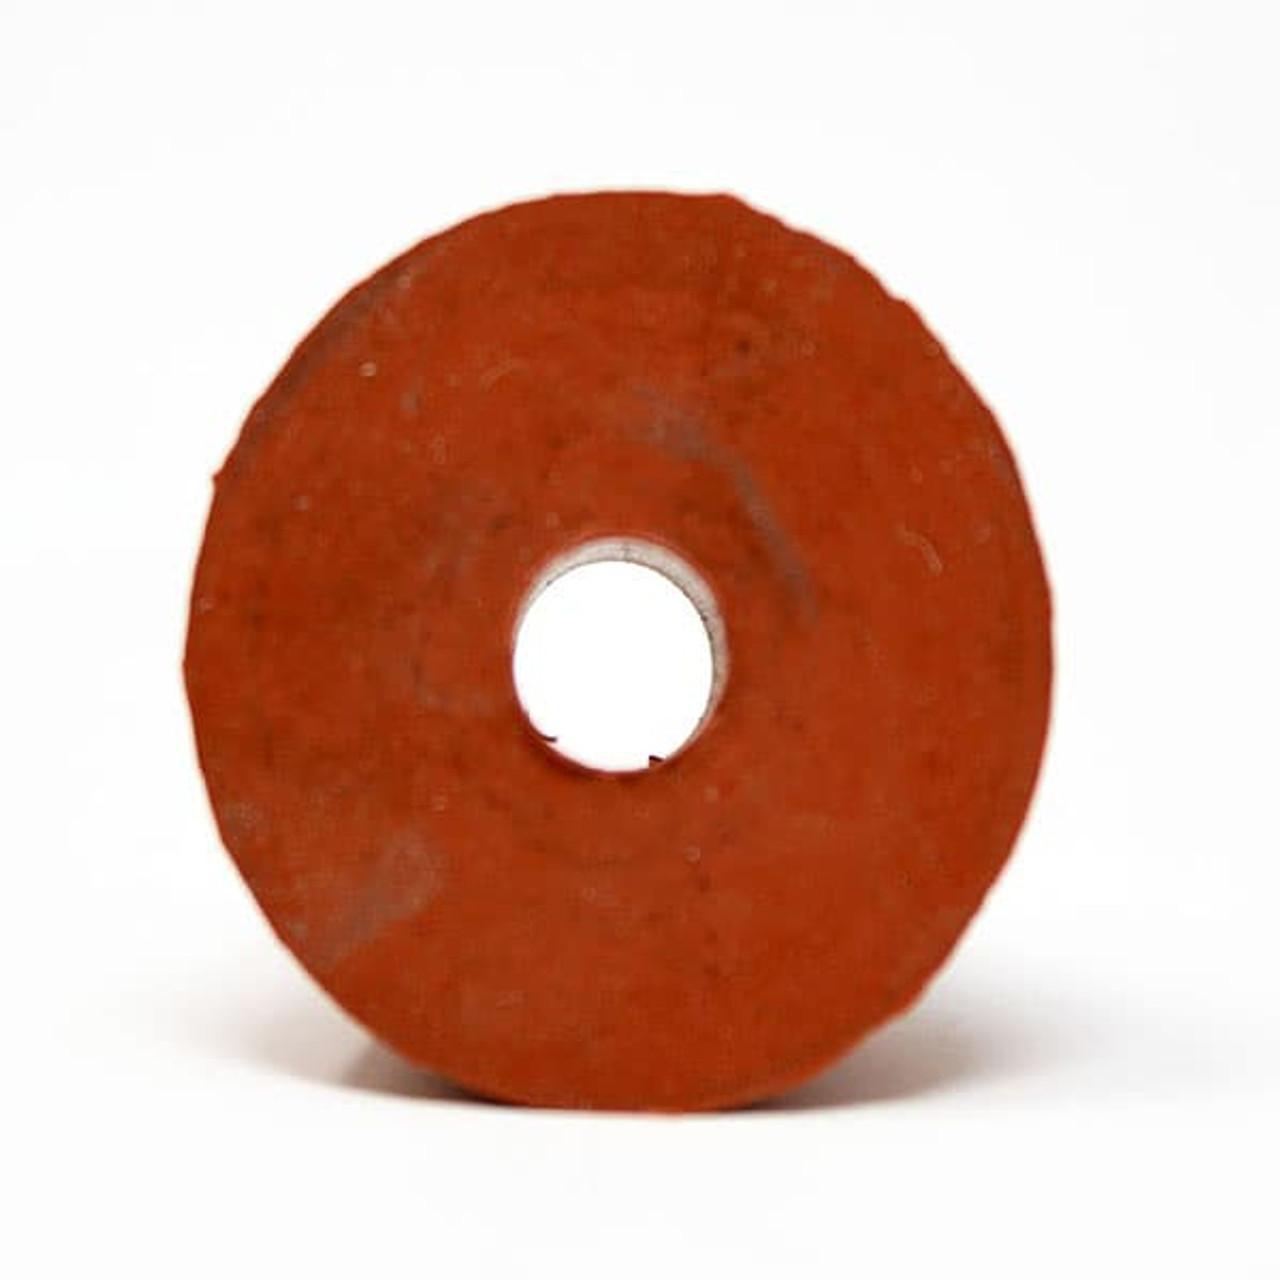 Lagler Rubber Plug w/ Holes